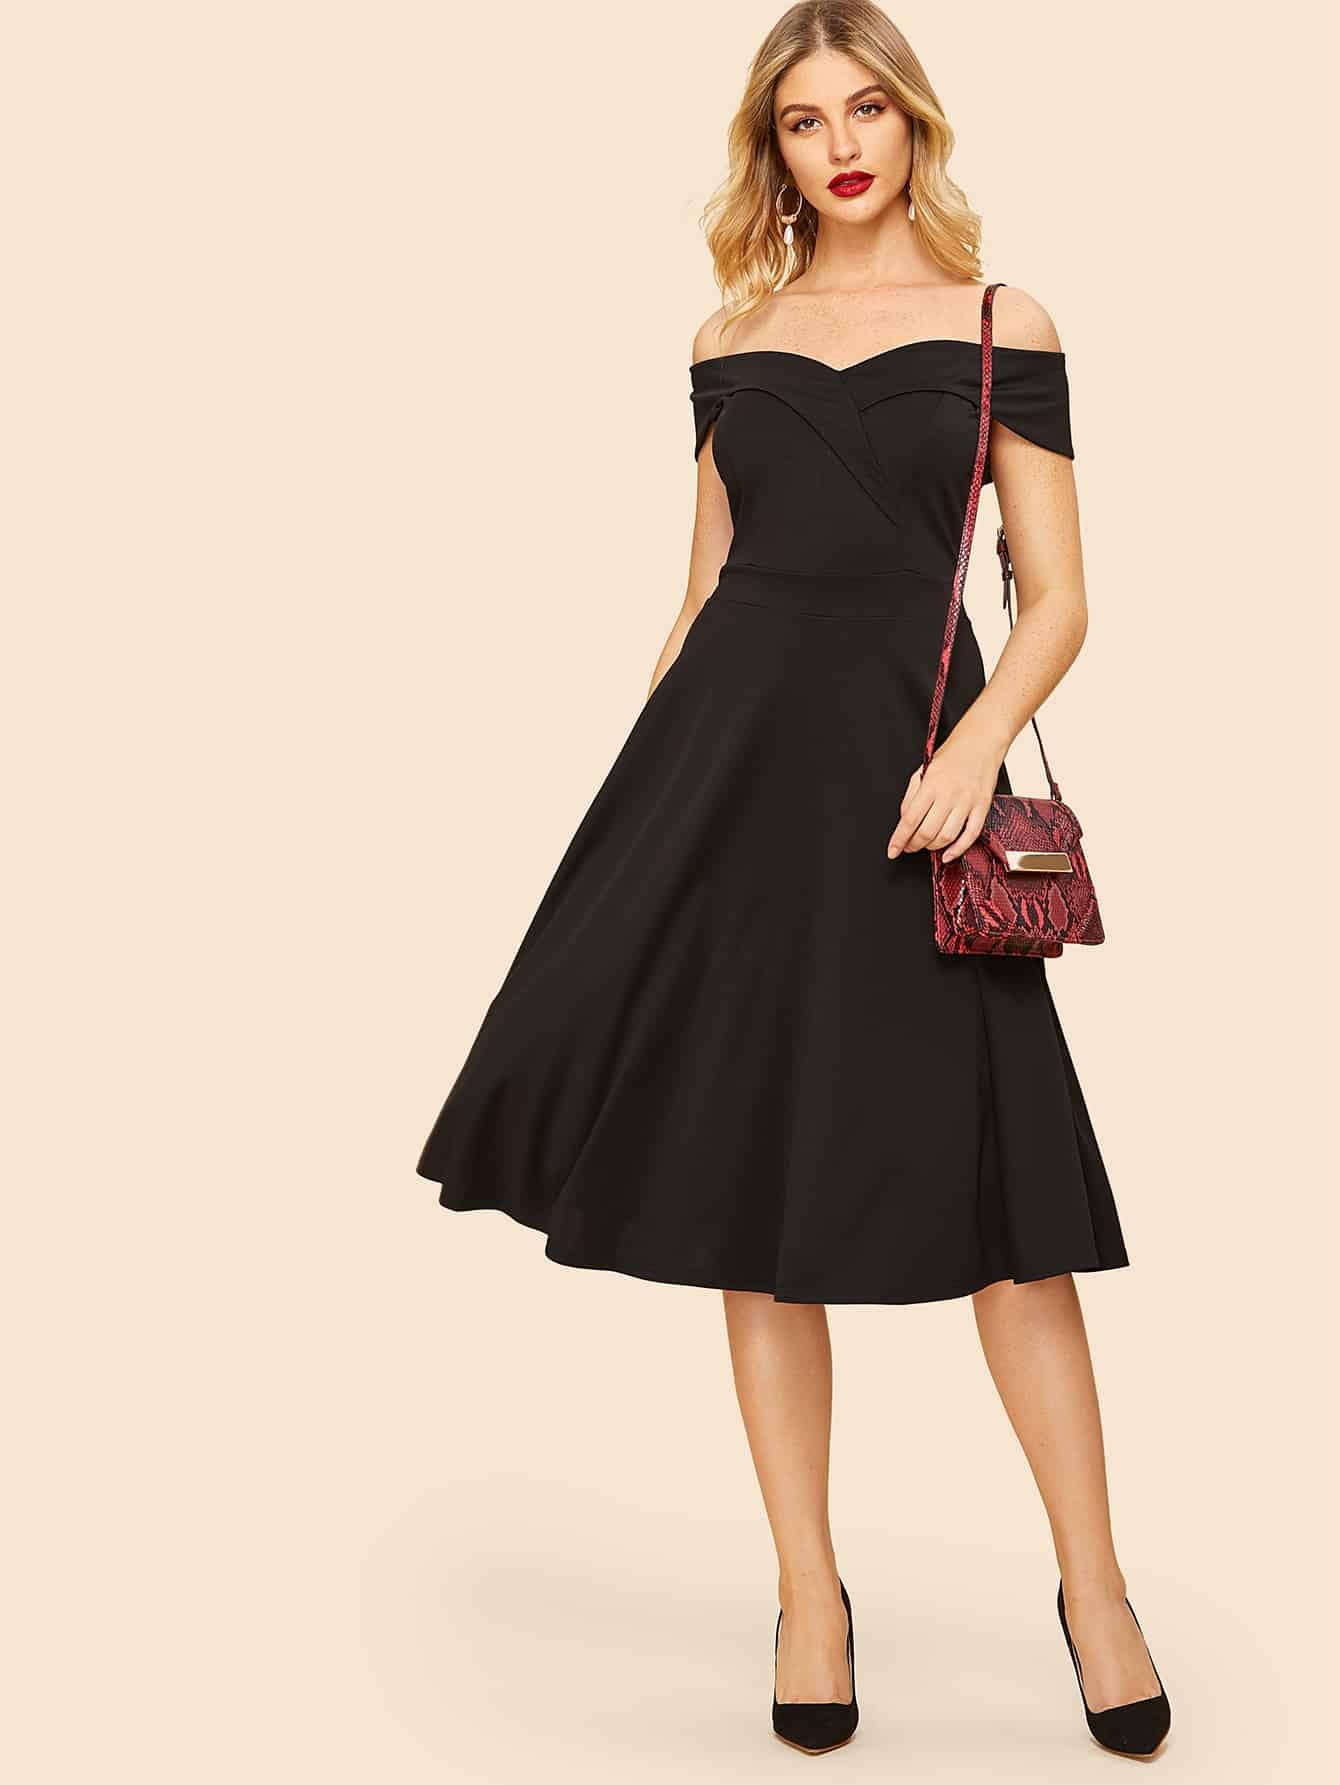 70s Off The Shoulder Flared Dress 70s Off The Shoulder Flared Dress